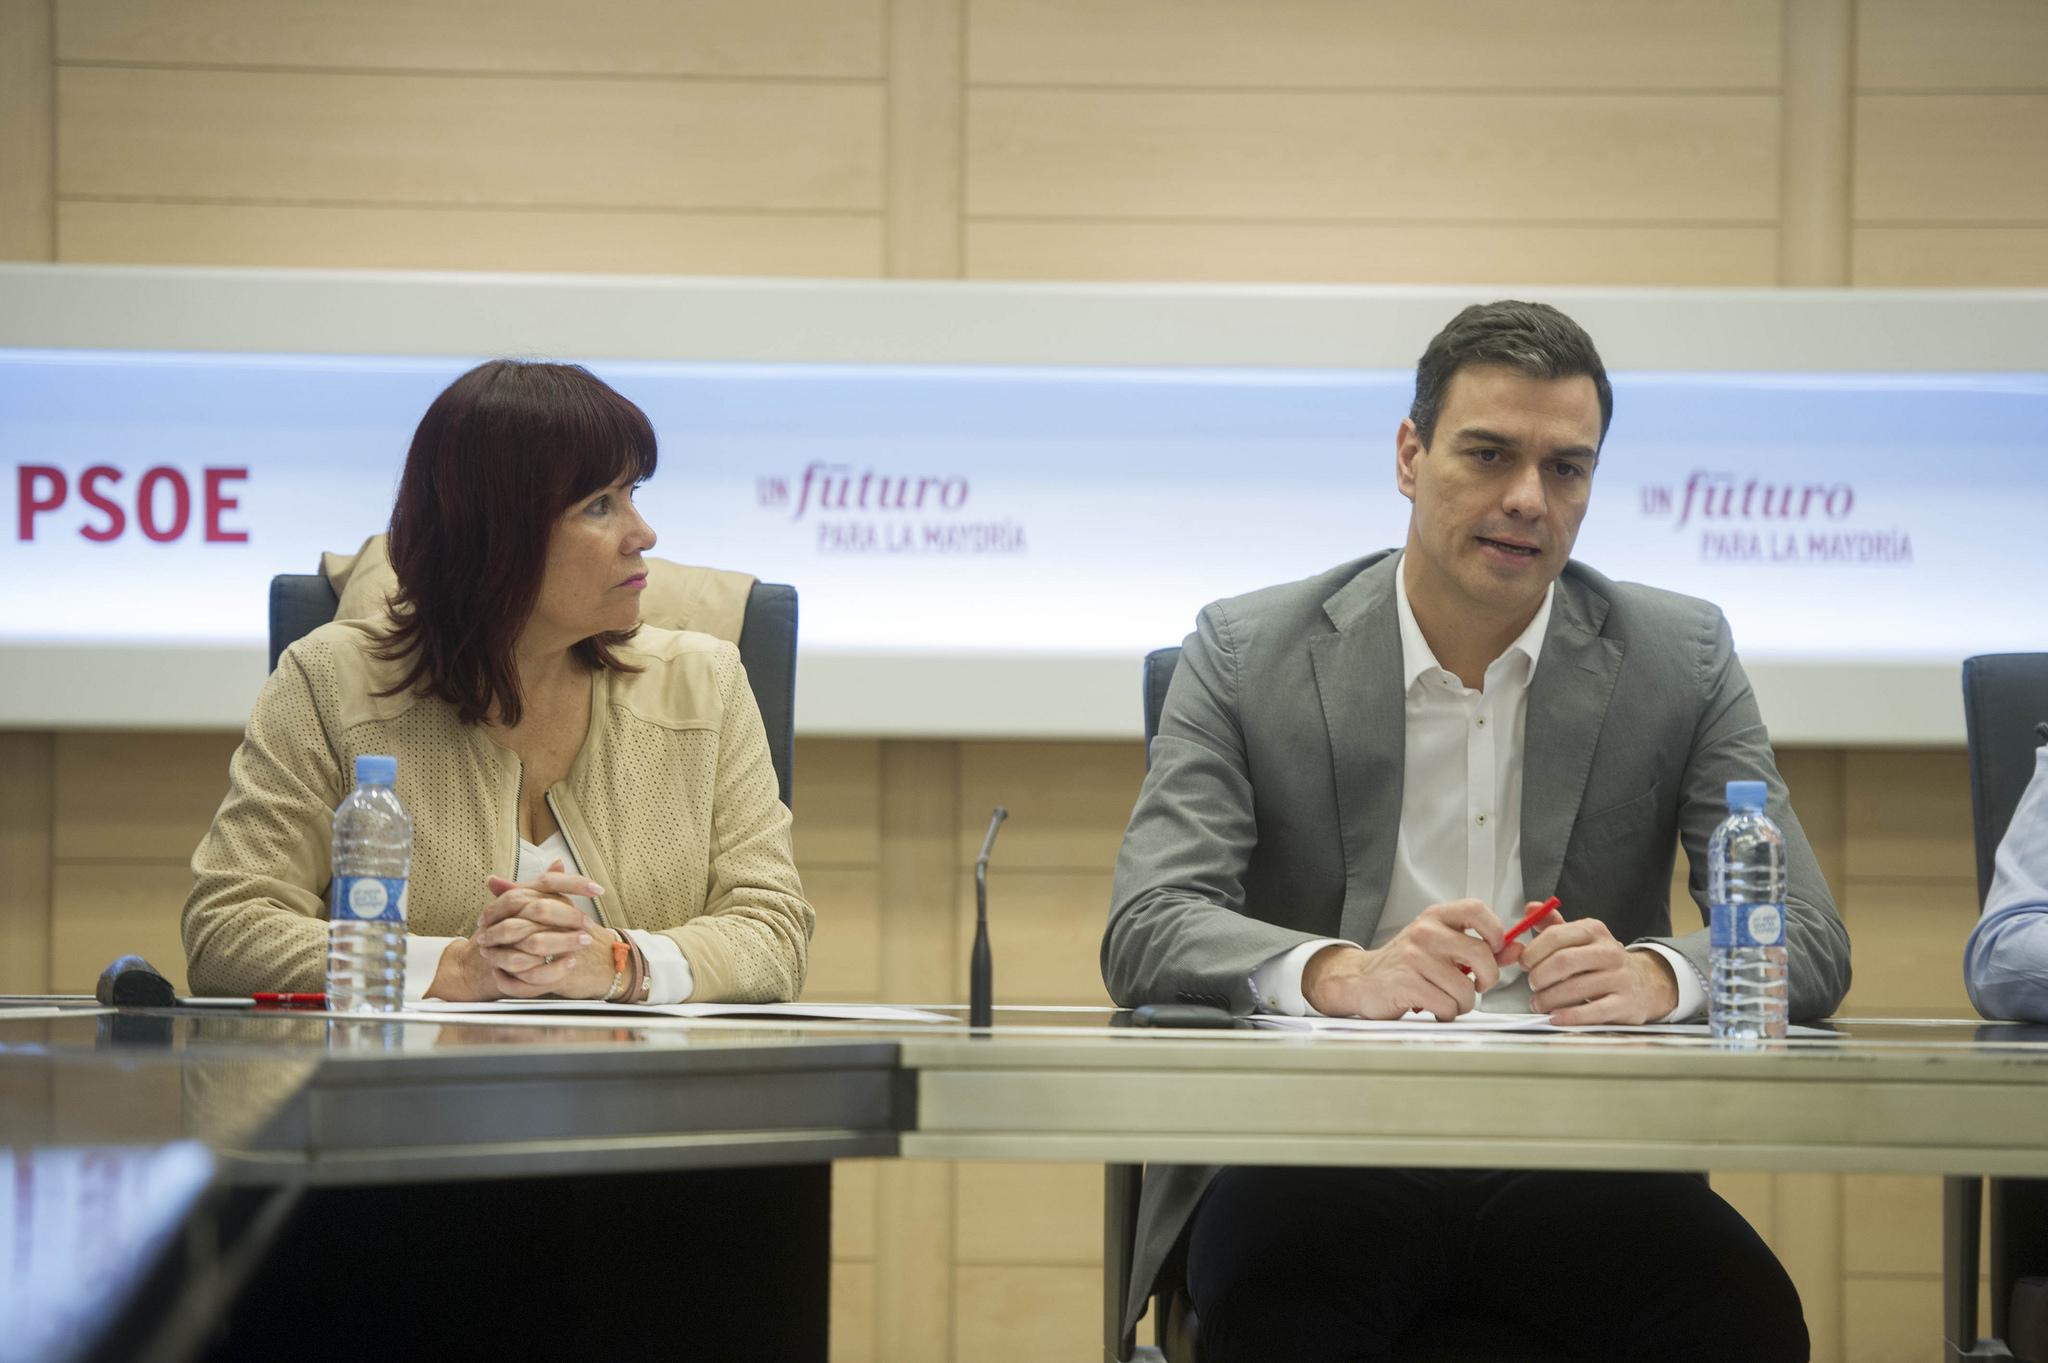 Micaela Navarro PSOE